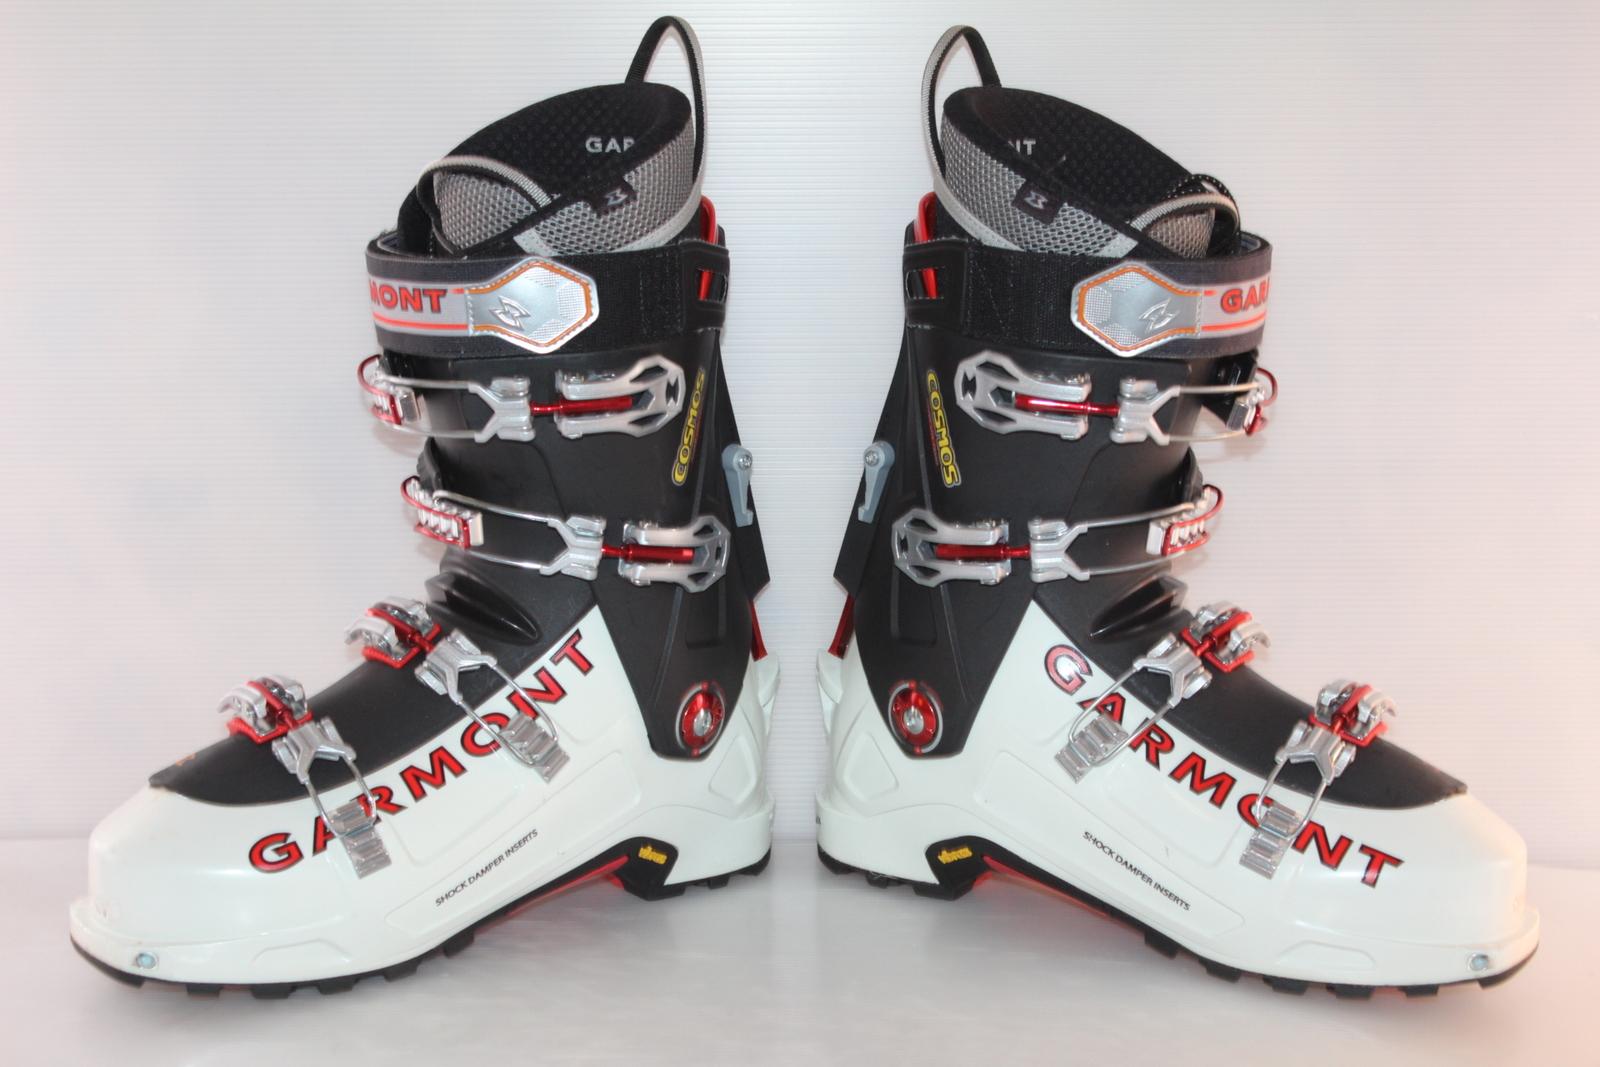 Skialpové boty Garmont Cosmos - skialp vel. EU46